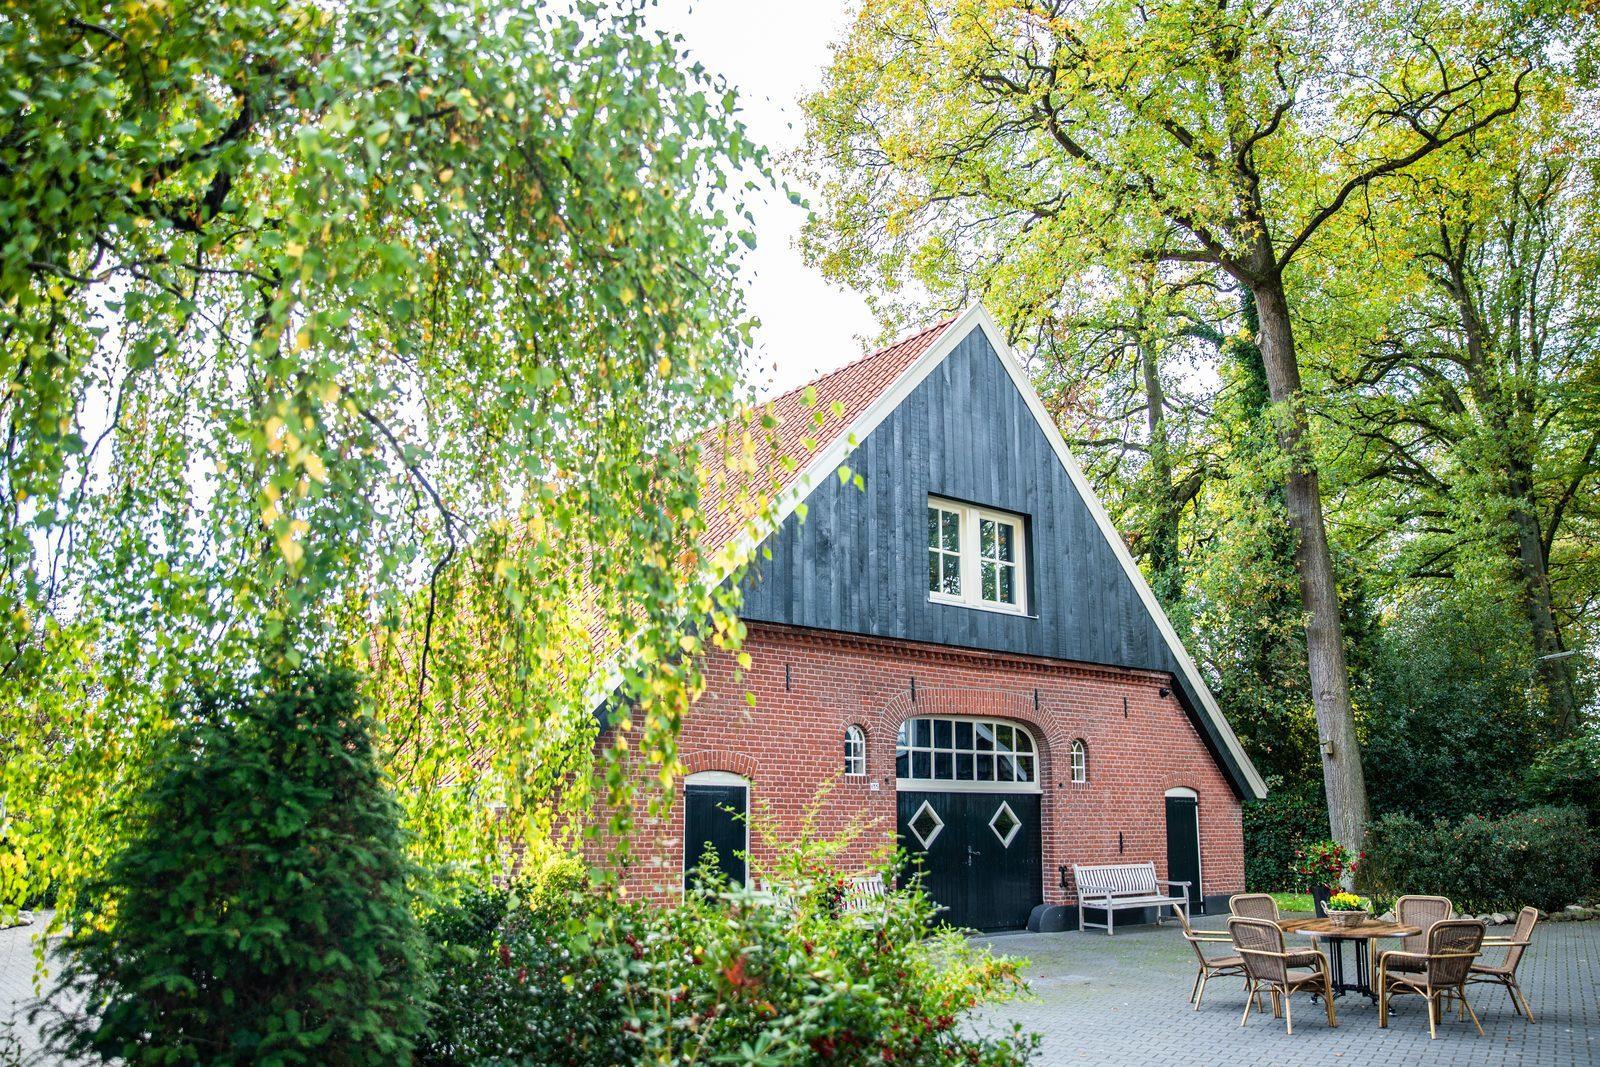 Kampeerboerderij | www.borghuis.nl